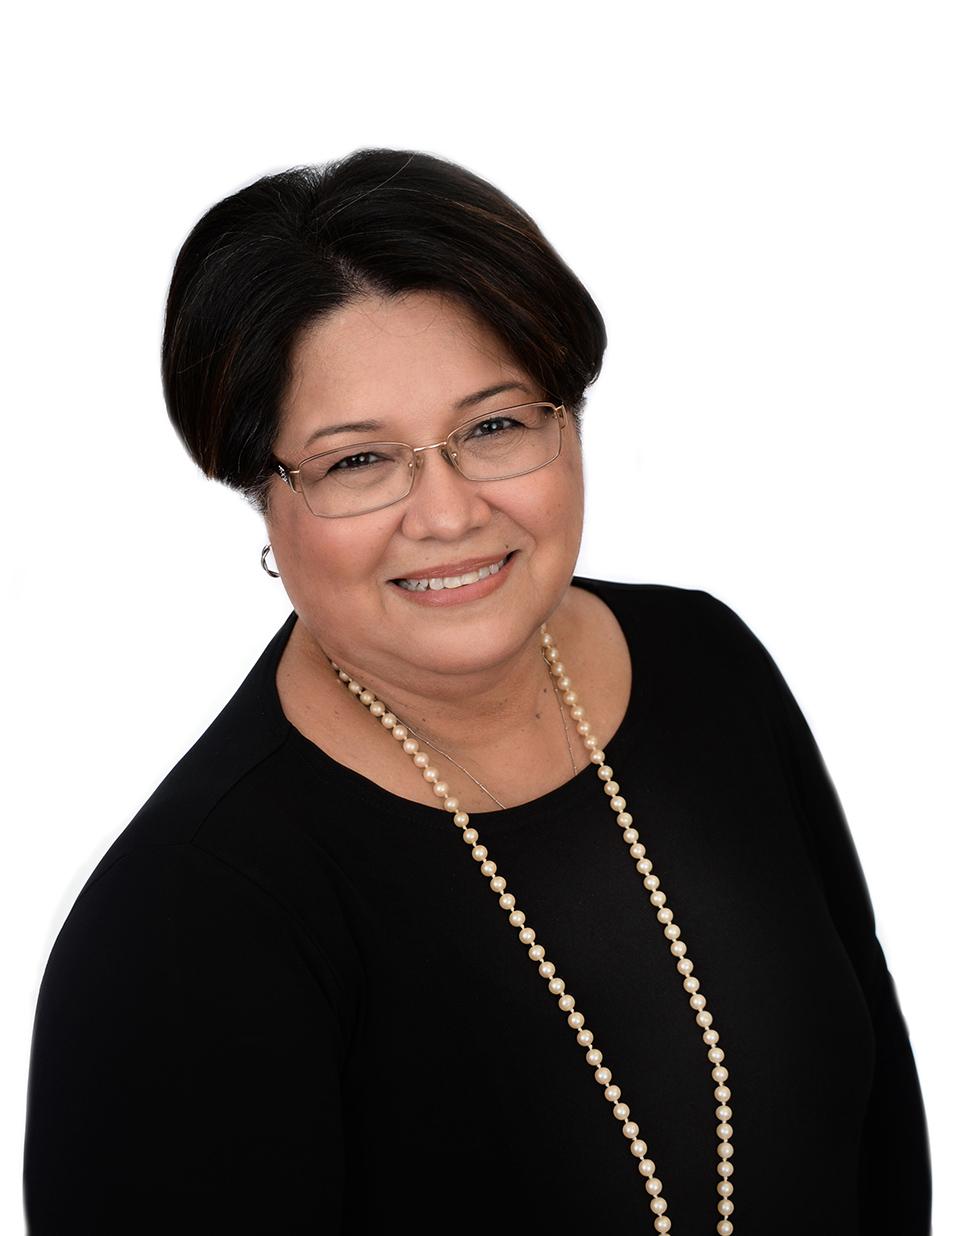 Miriam Senor